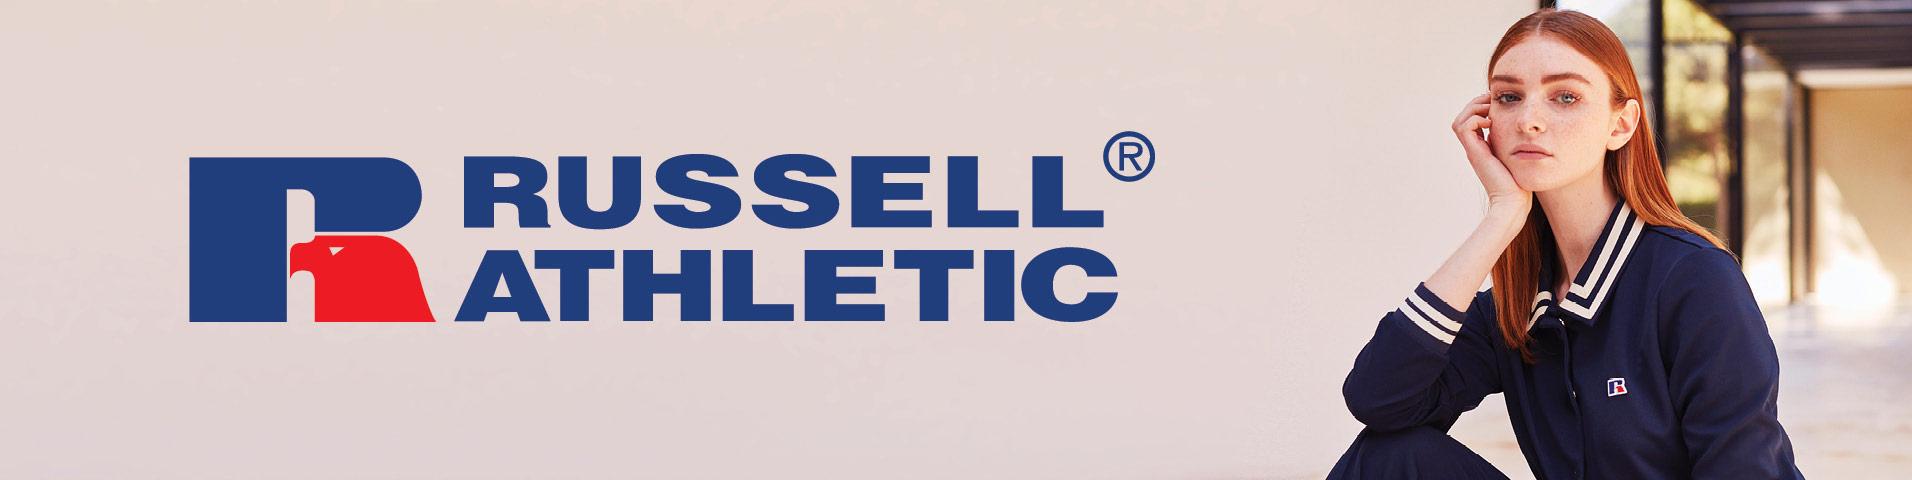 günstige russell athletic eagle r kleider im sale online